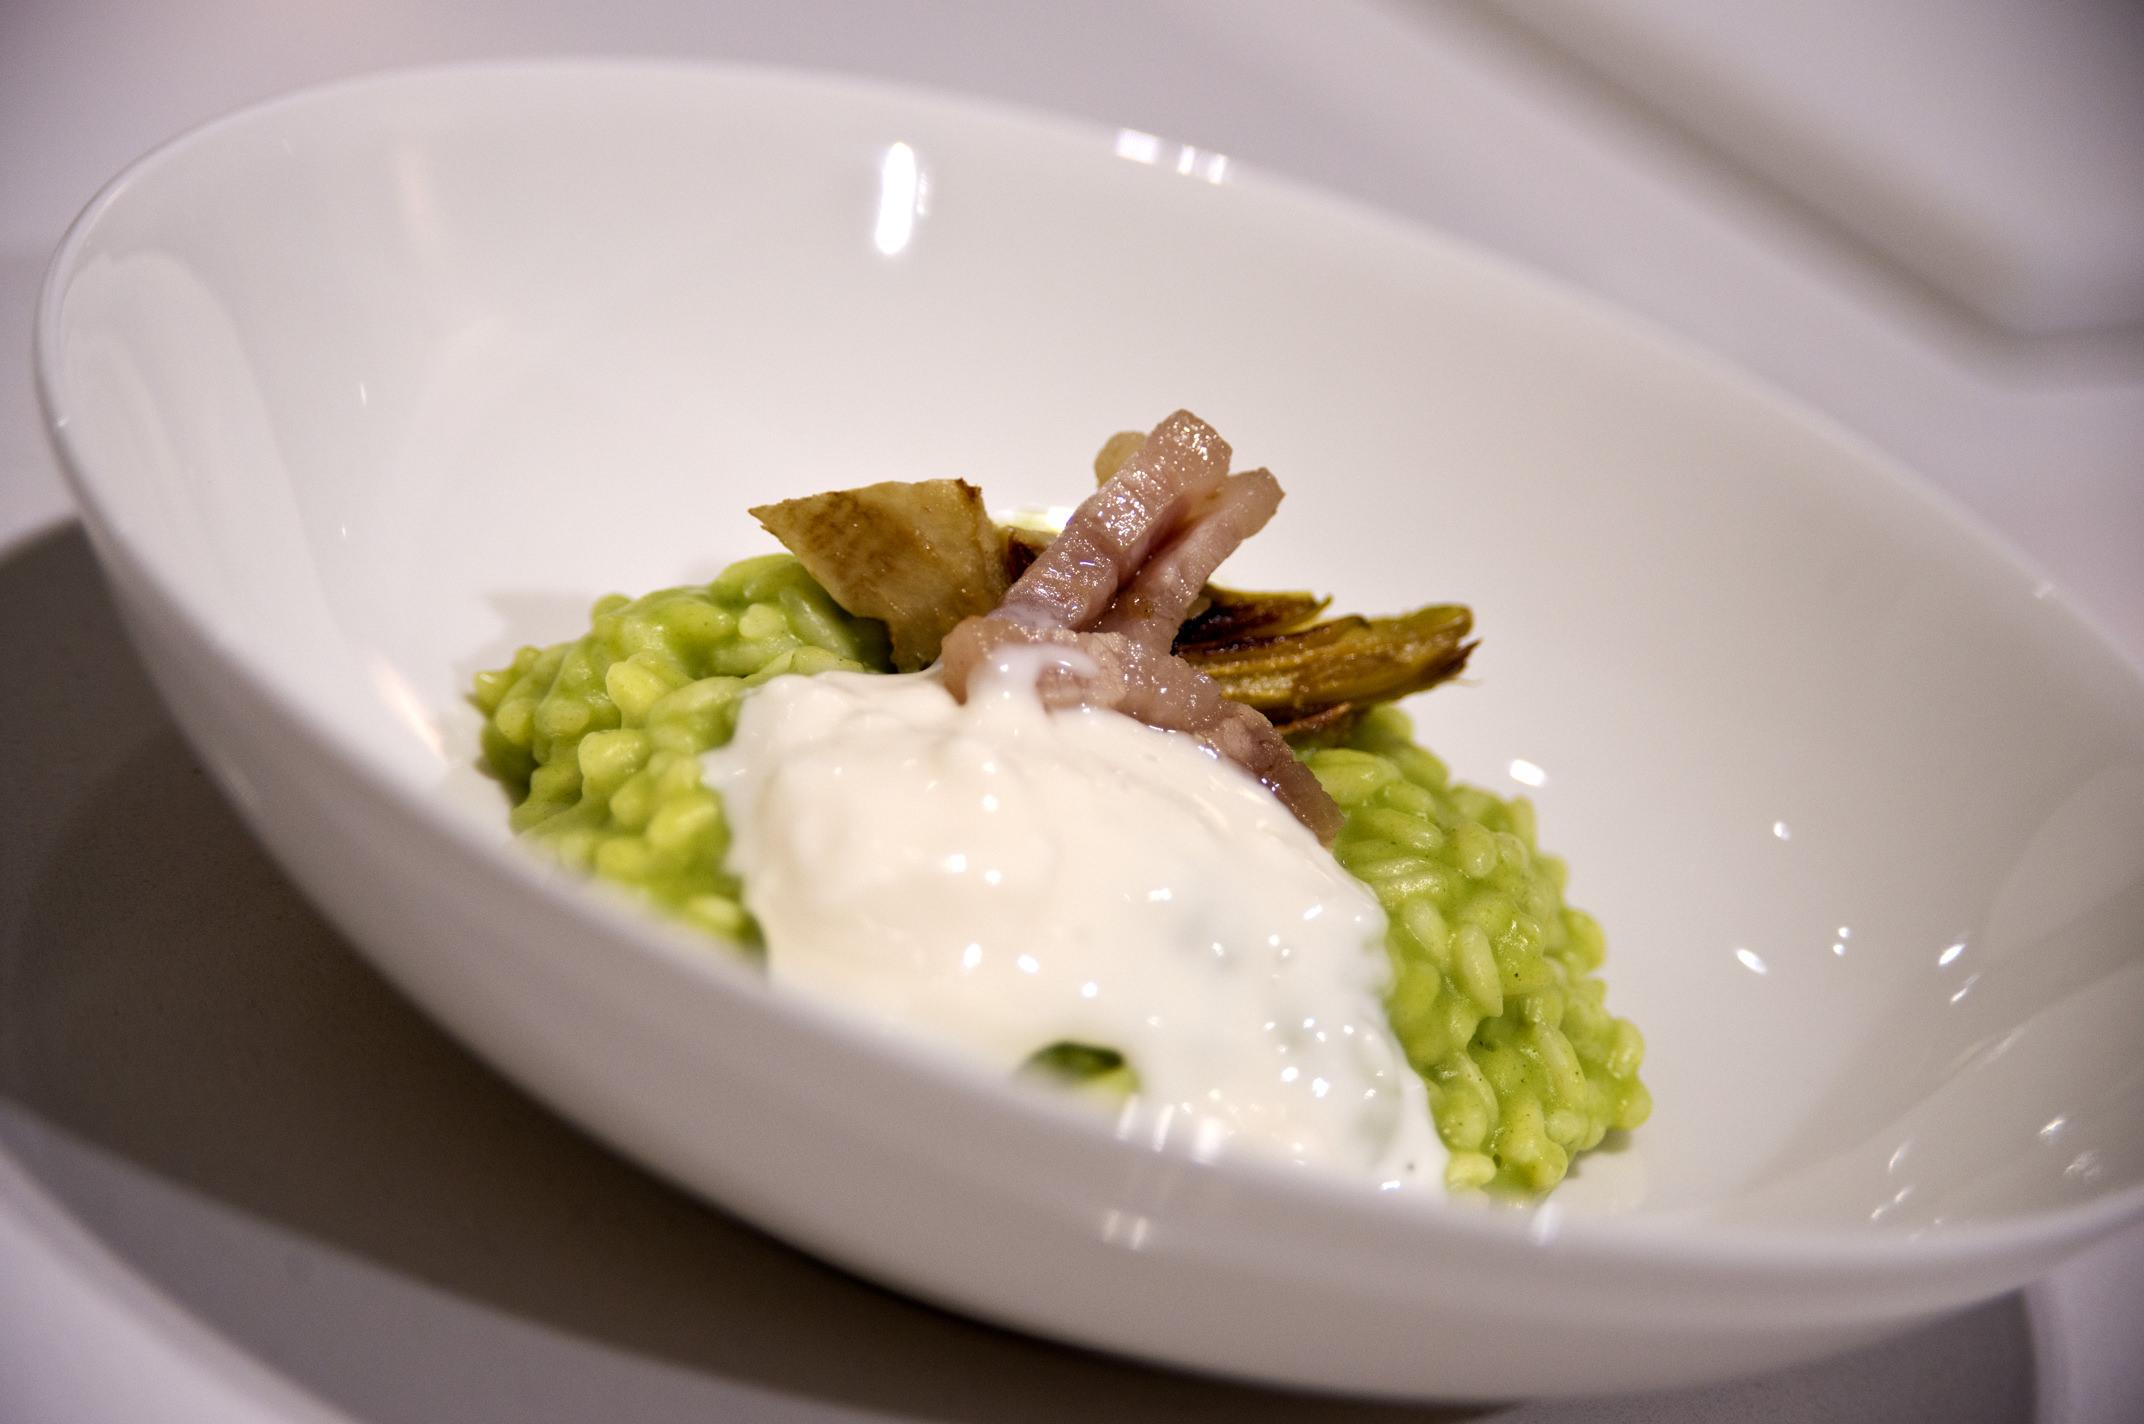 Il risotto con broccoli preparato insieme allo chef Marchini nel temporary showroom Bertazzoni a Milano